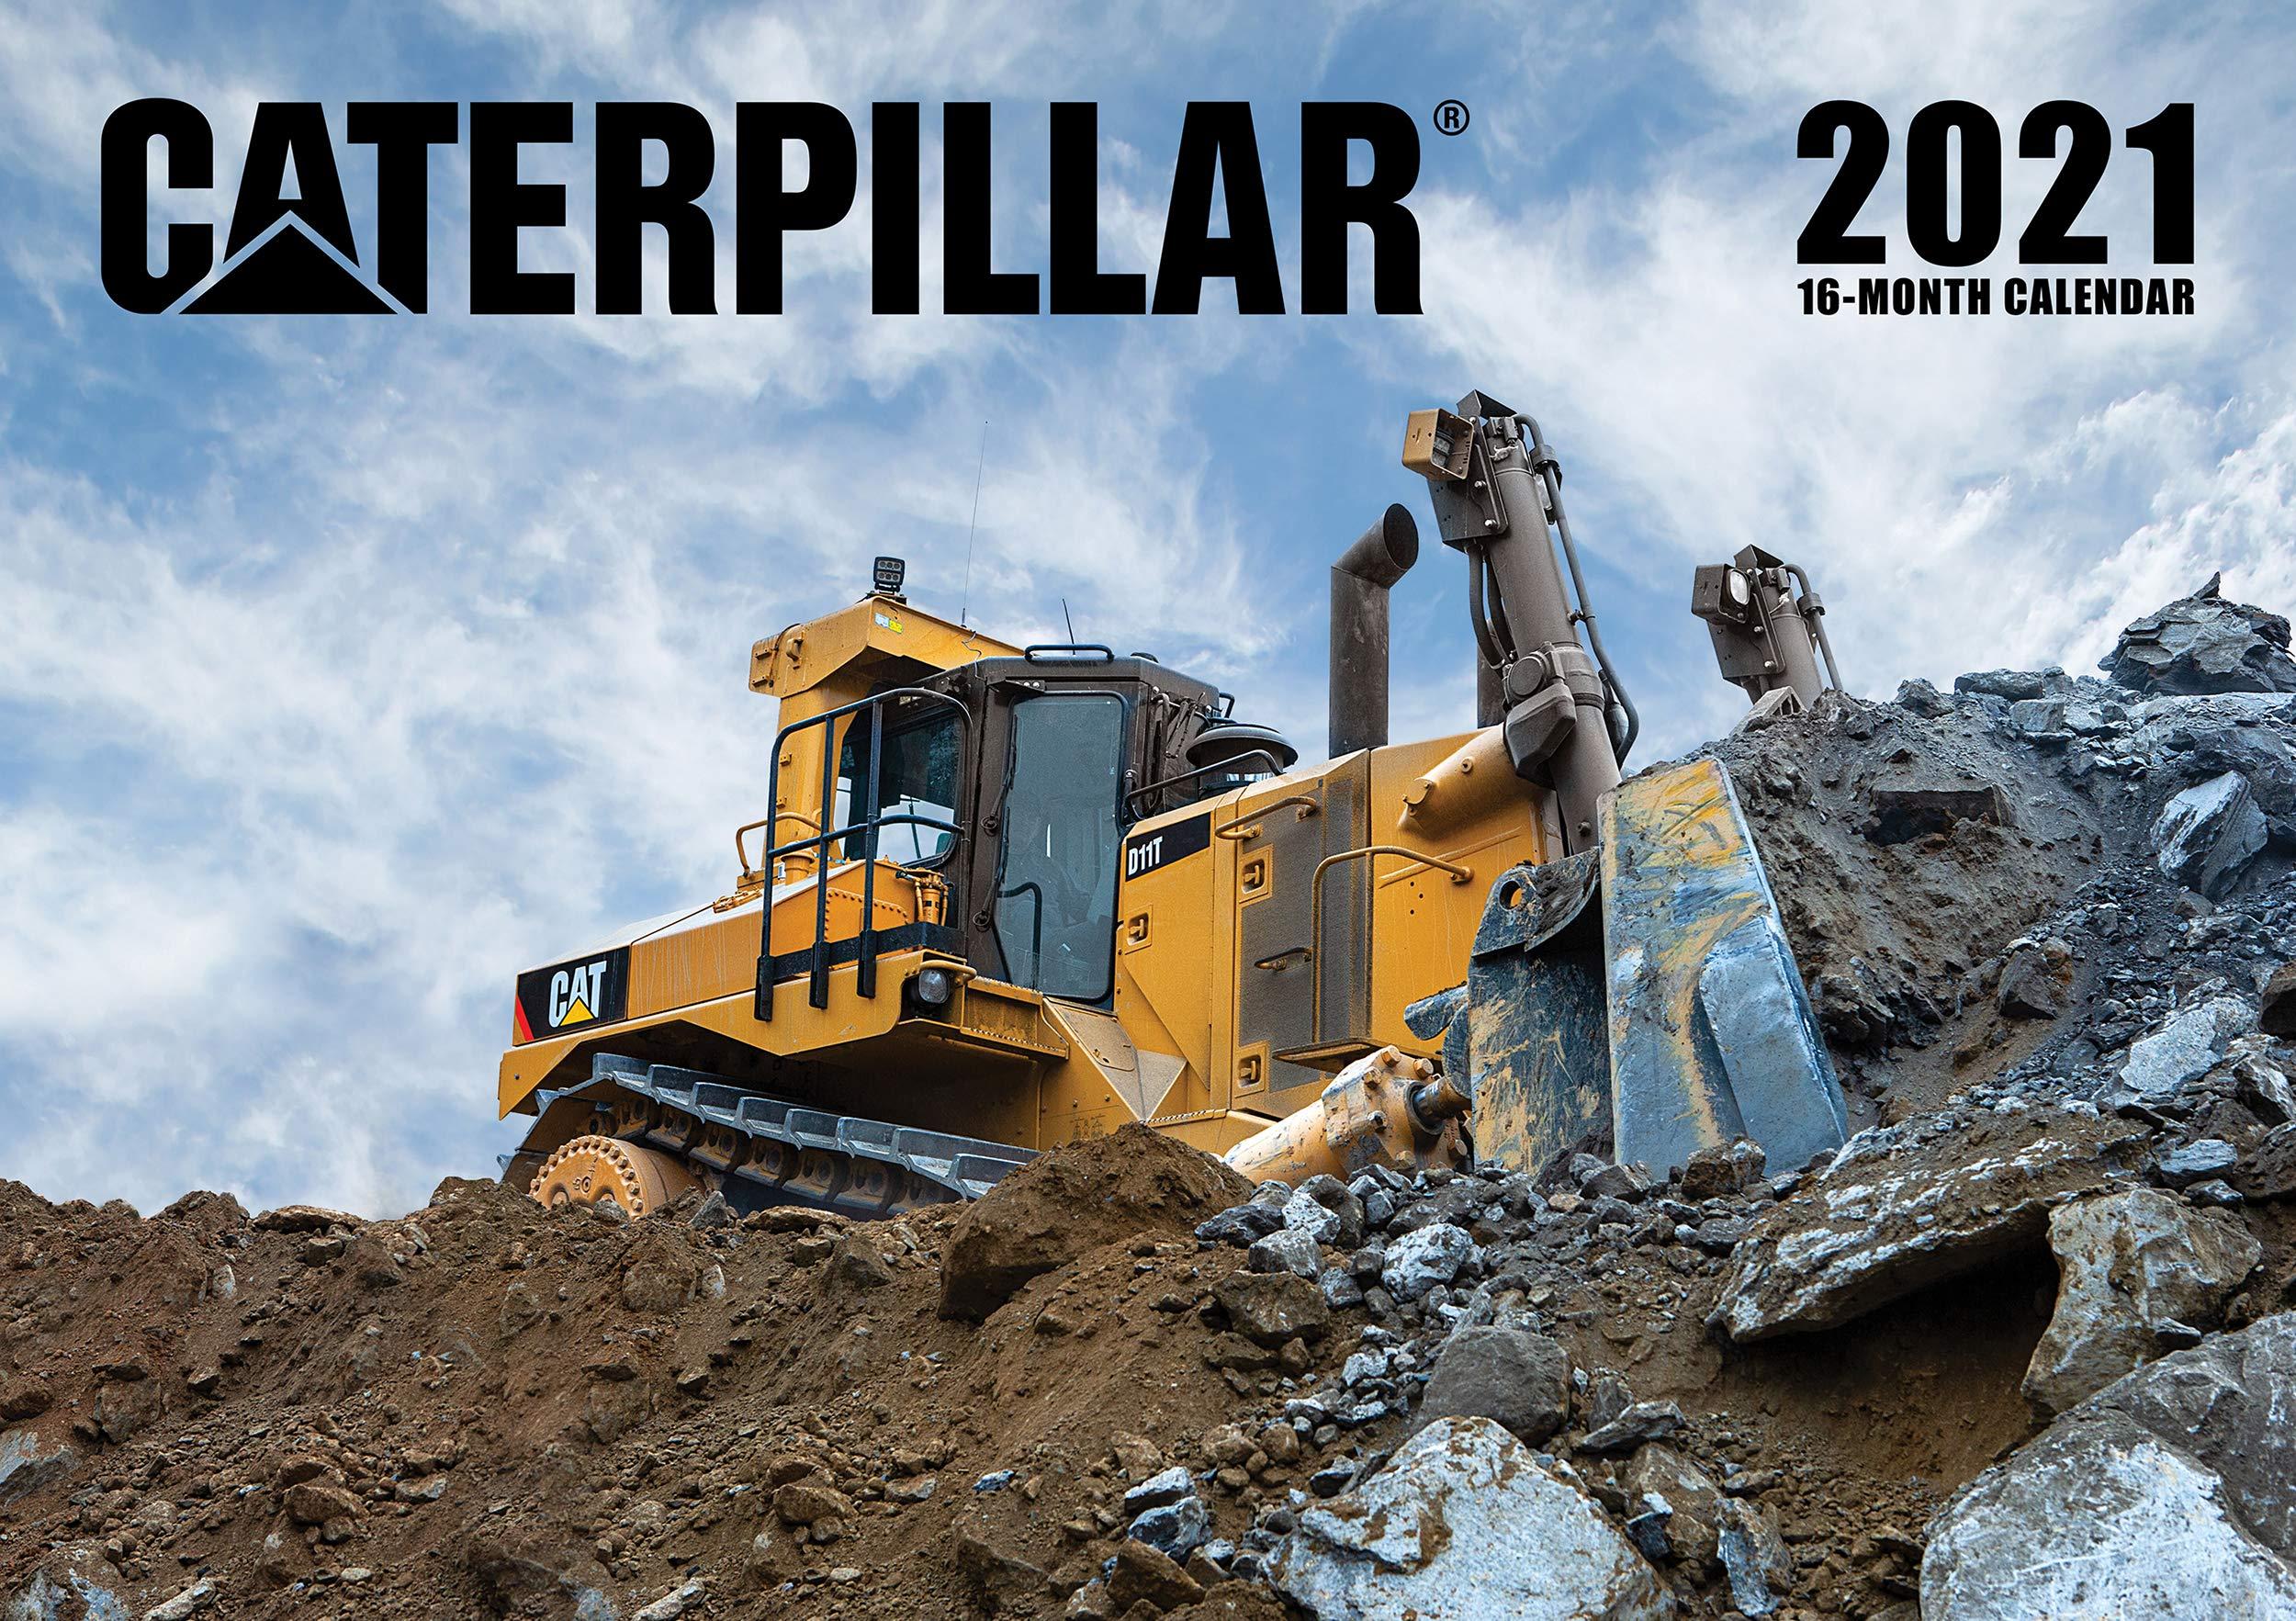 Caterpillar Calendar 2021: Lee Klancher, Lee Klancher